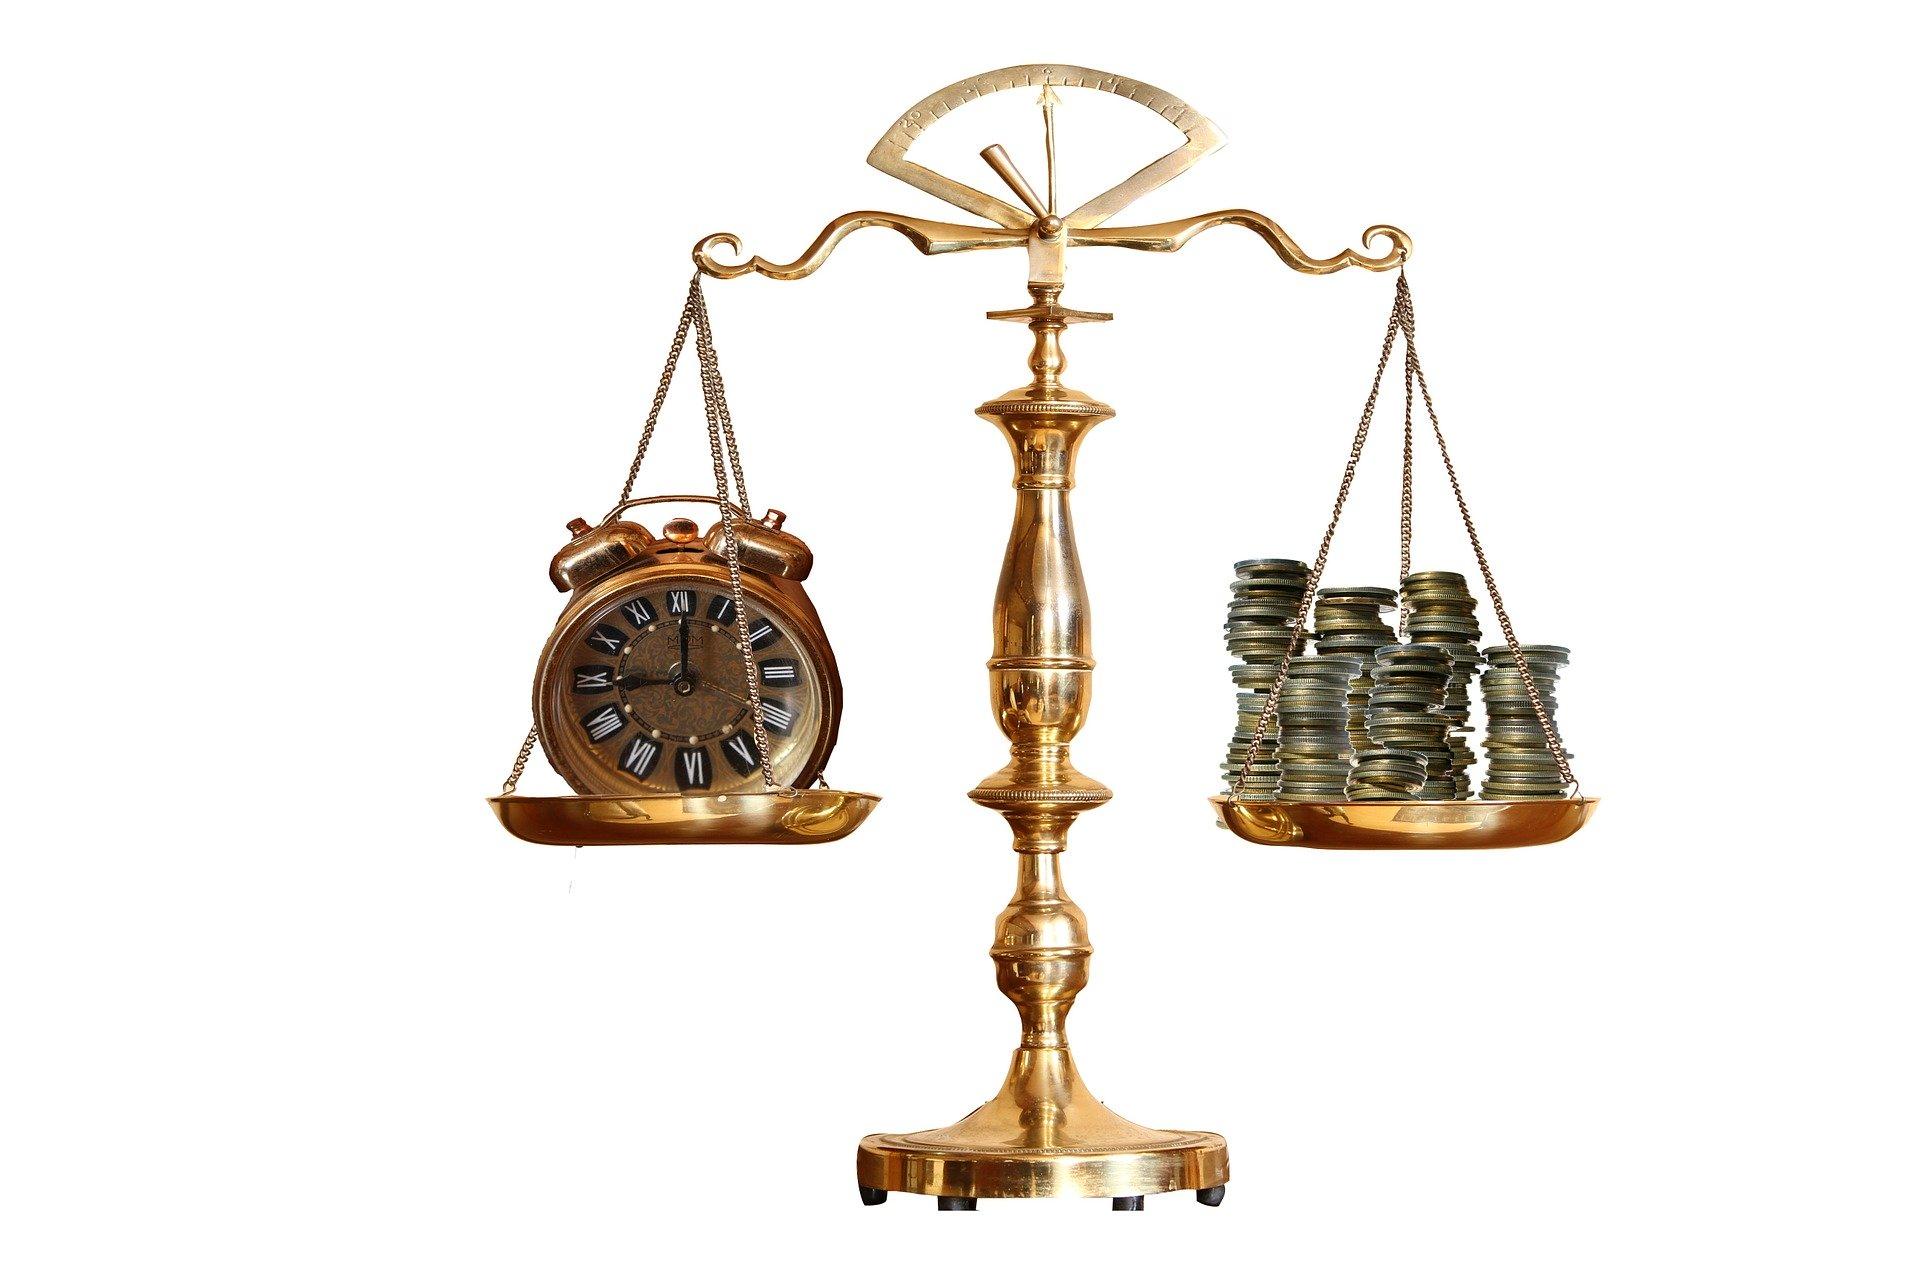 投資の基礎 財務諸表編 第2回 貸借対照表